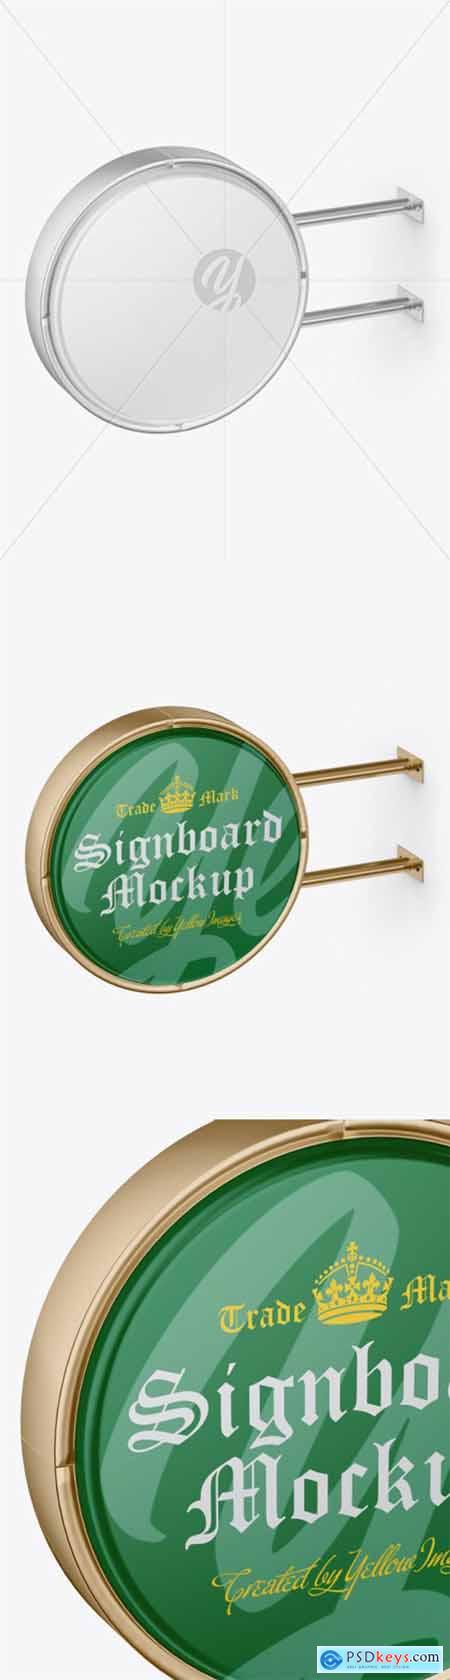 Matte Metallic Round Signboard Mockup 51699